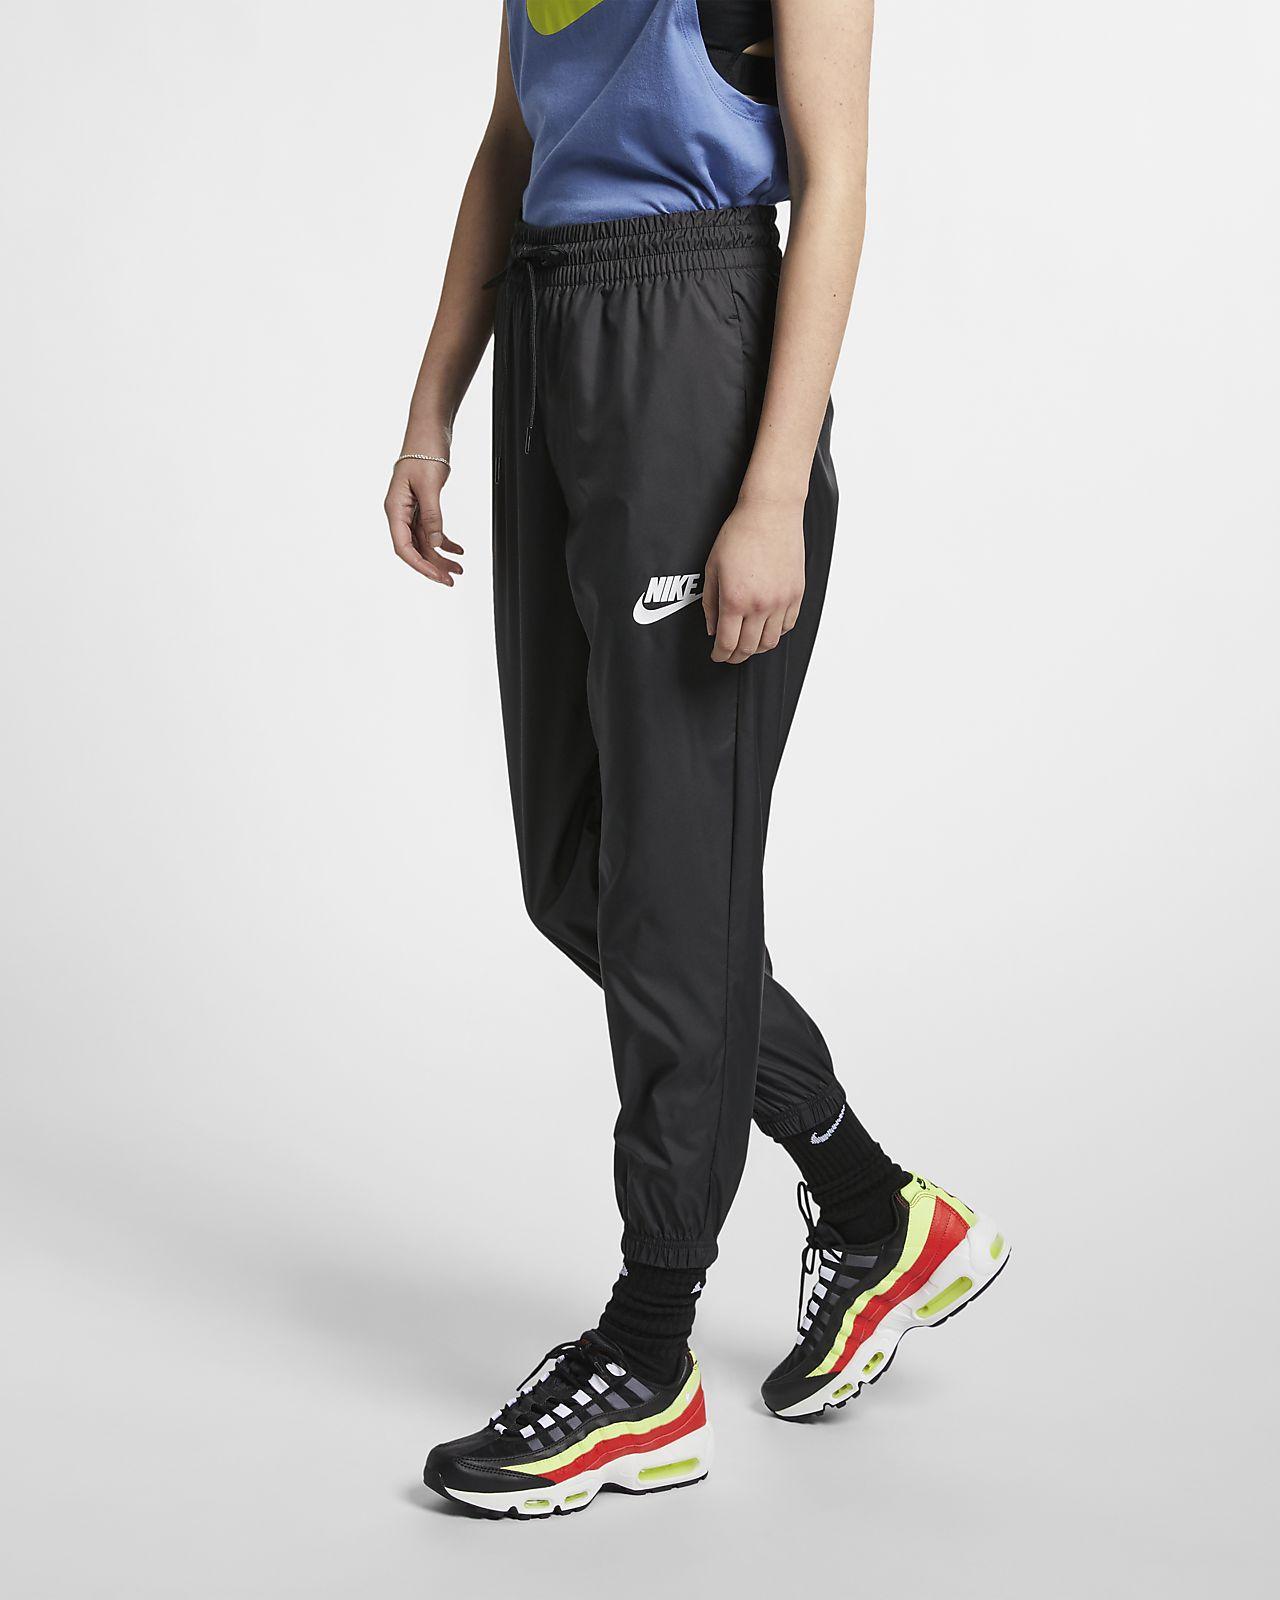 Pantalon tissé Nike Sportswear pour Femme